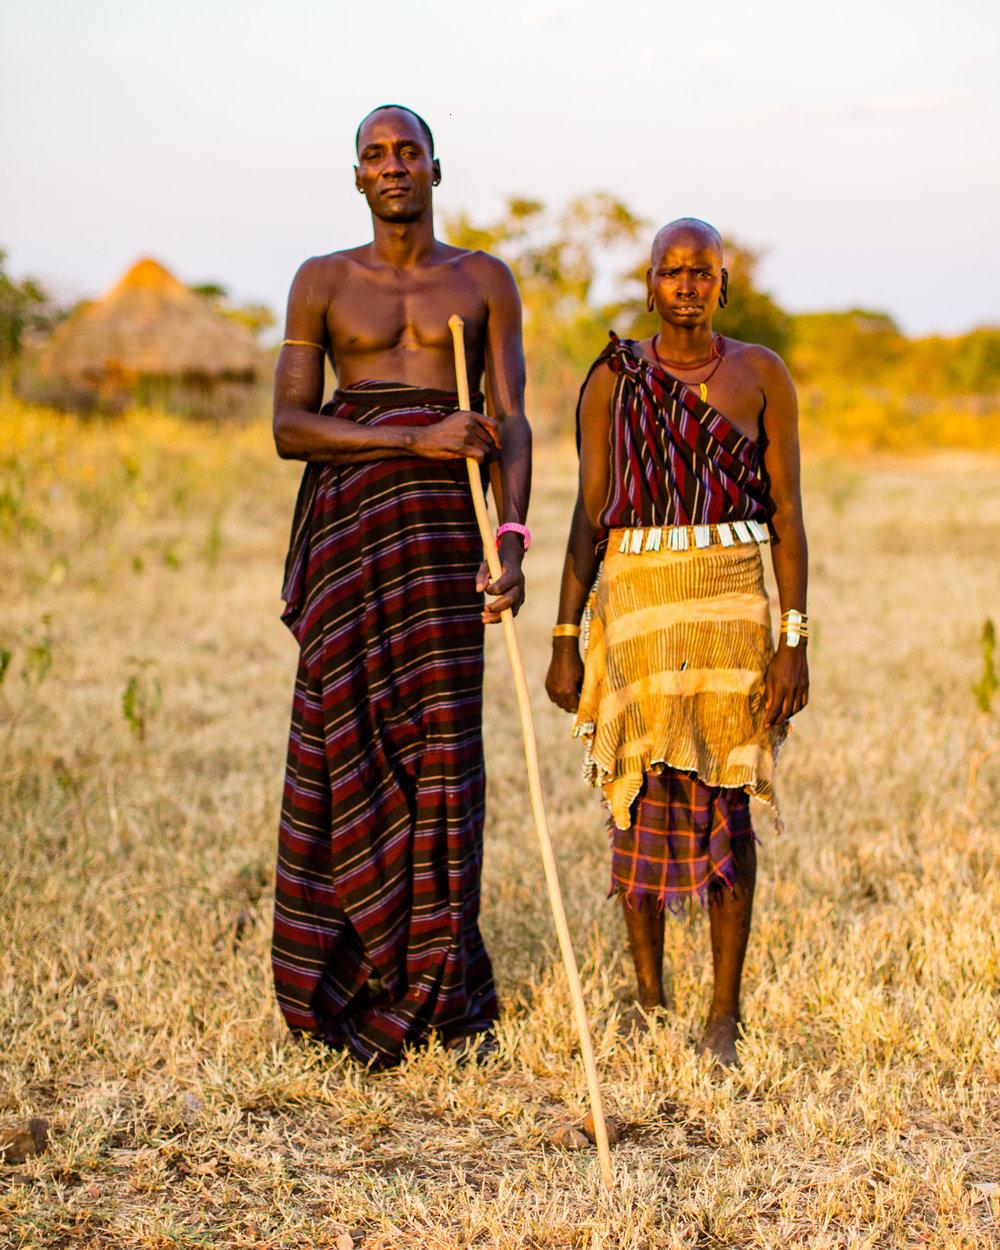 Ethiopia_Omo_Mursi-2.jpg